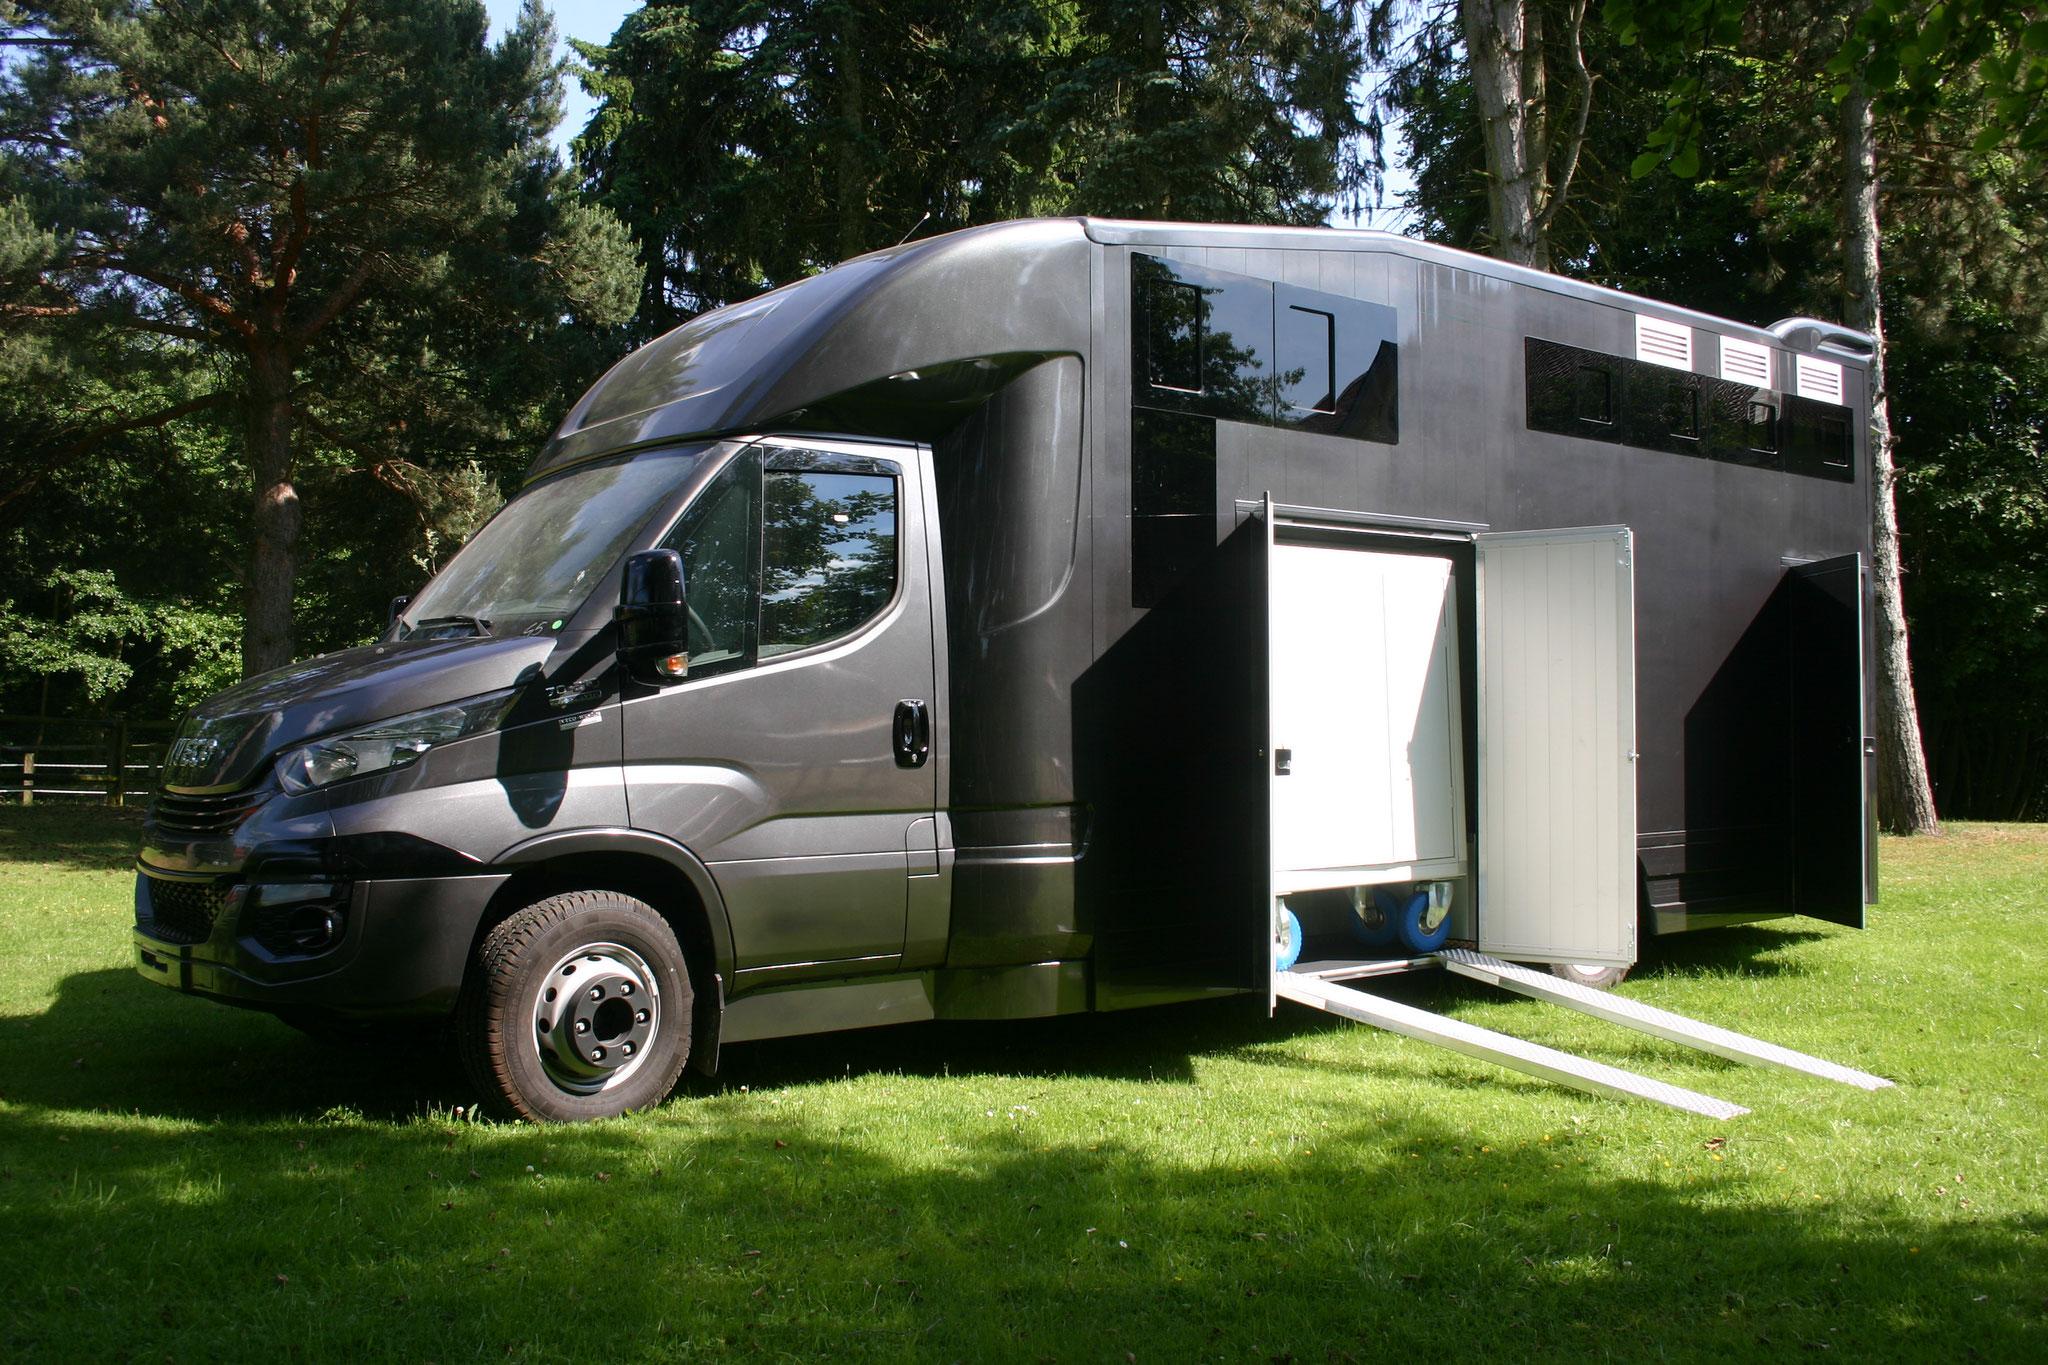 aktuelle angebote pferdetransporter ernst. Black Bedroom Furniture Sets. Home Design Ideas